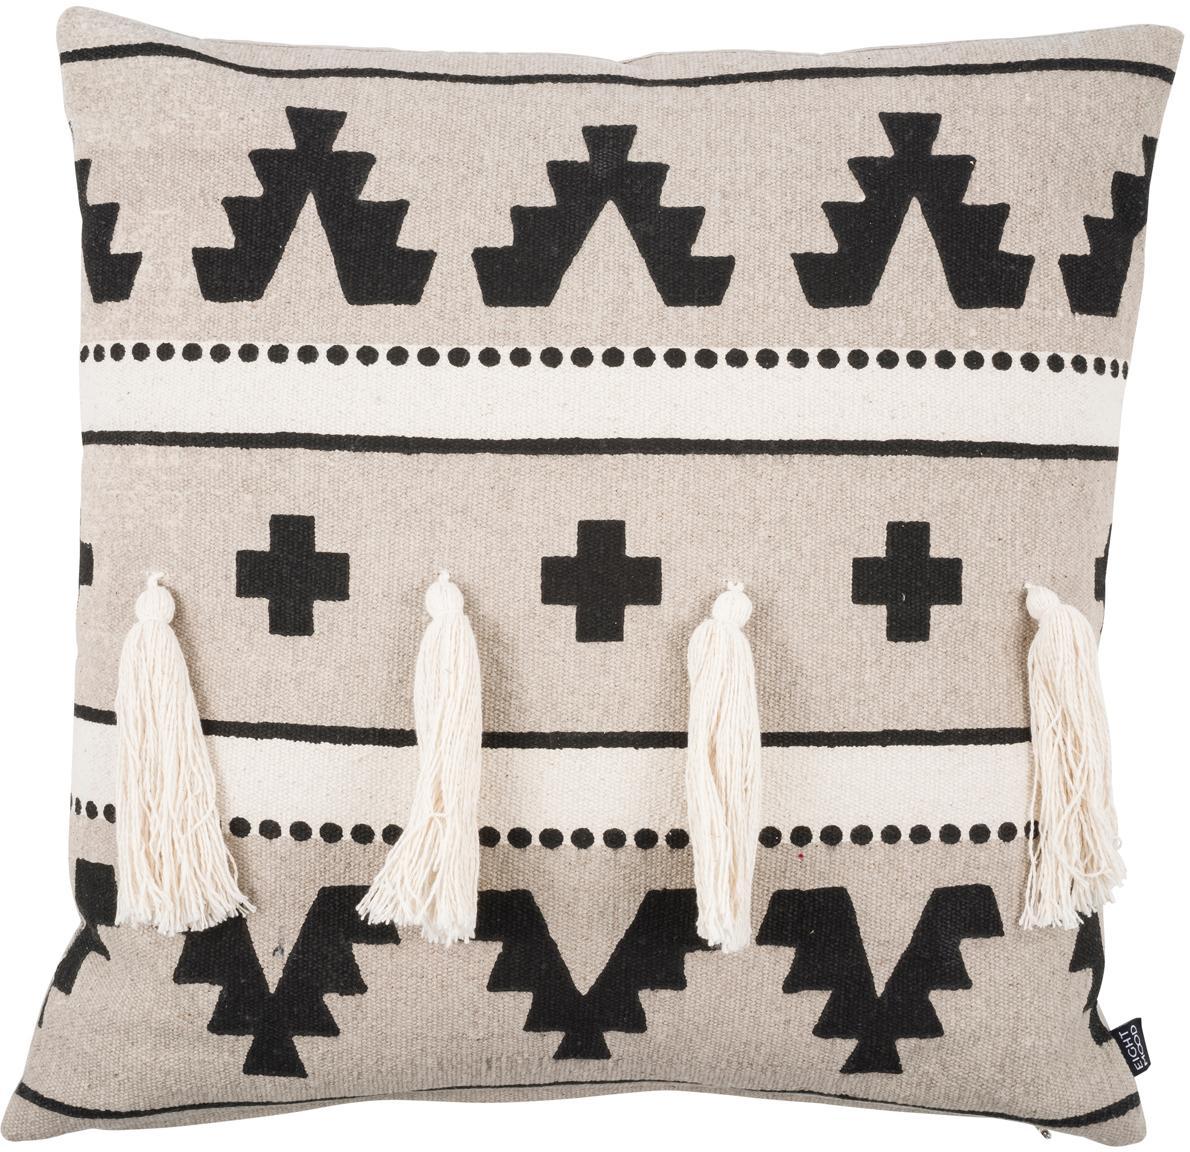 Poszewka na poduszkę z chwostami Wildheart, 100% bawełna, Beżowy, kremowy, czarny, S 50 x D 50 cm